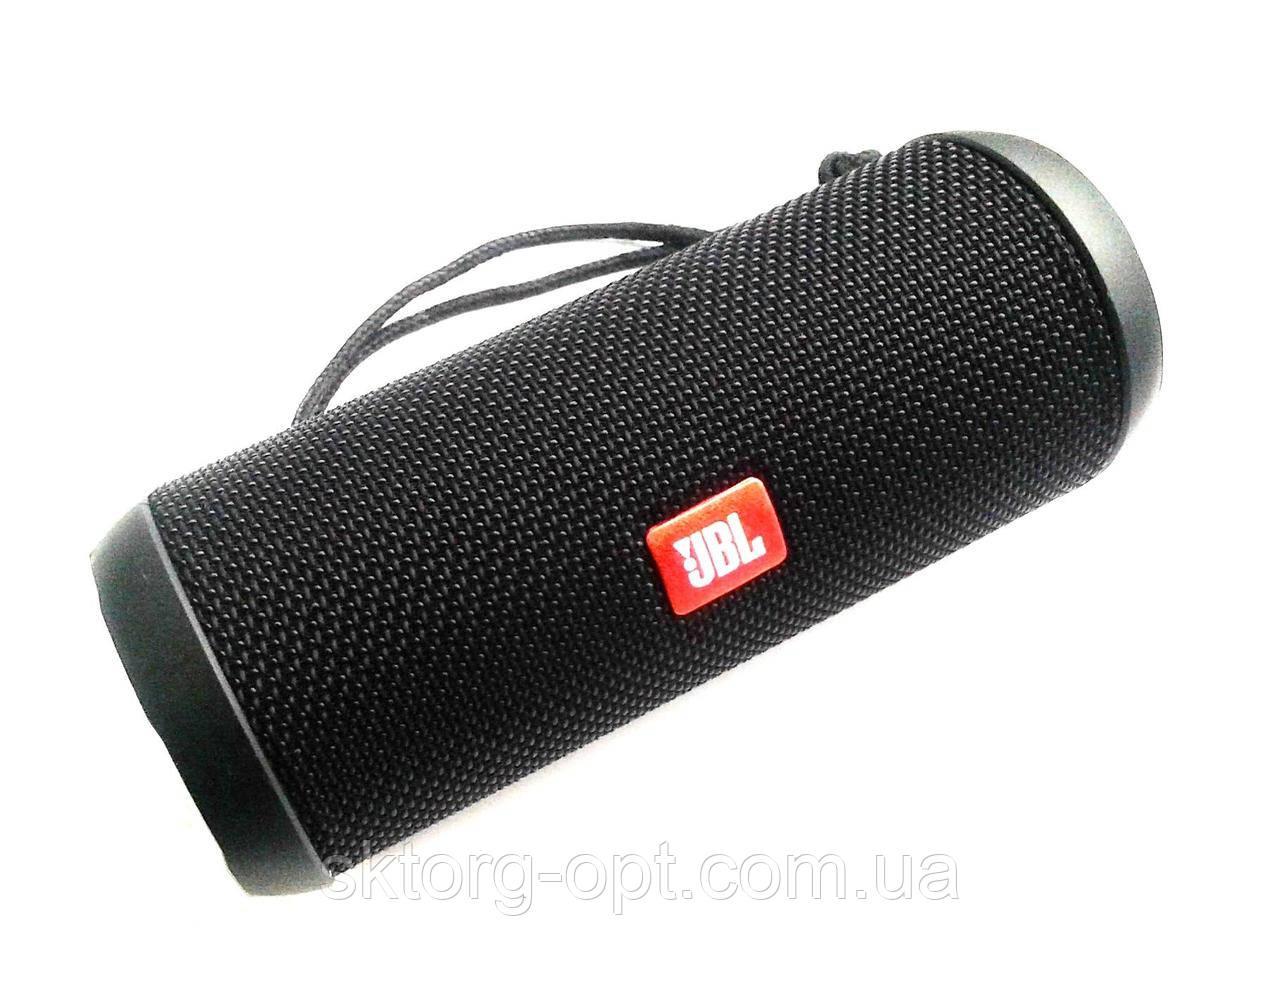 Портативная колонка Bluetooth Sps T3